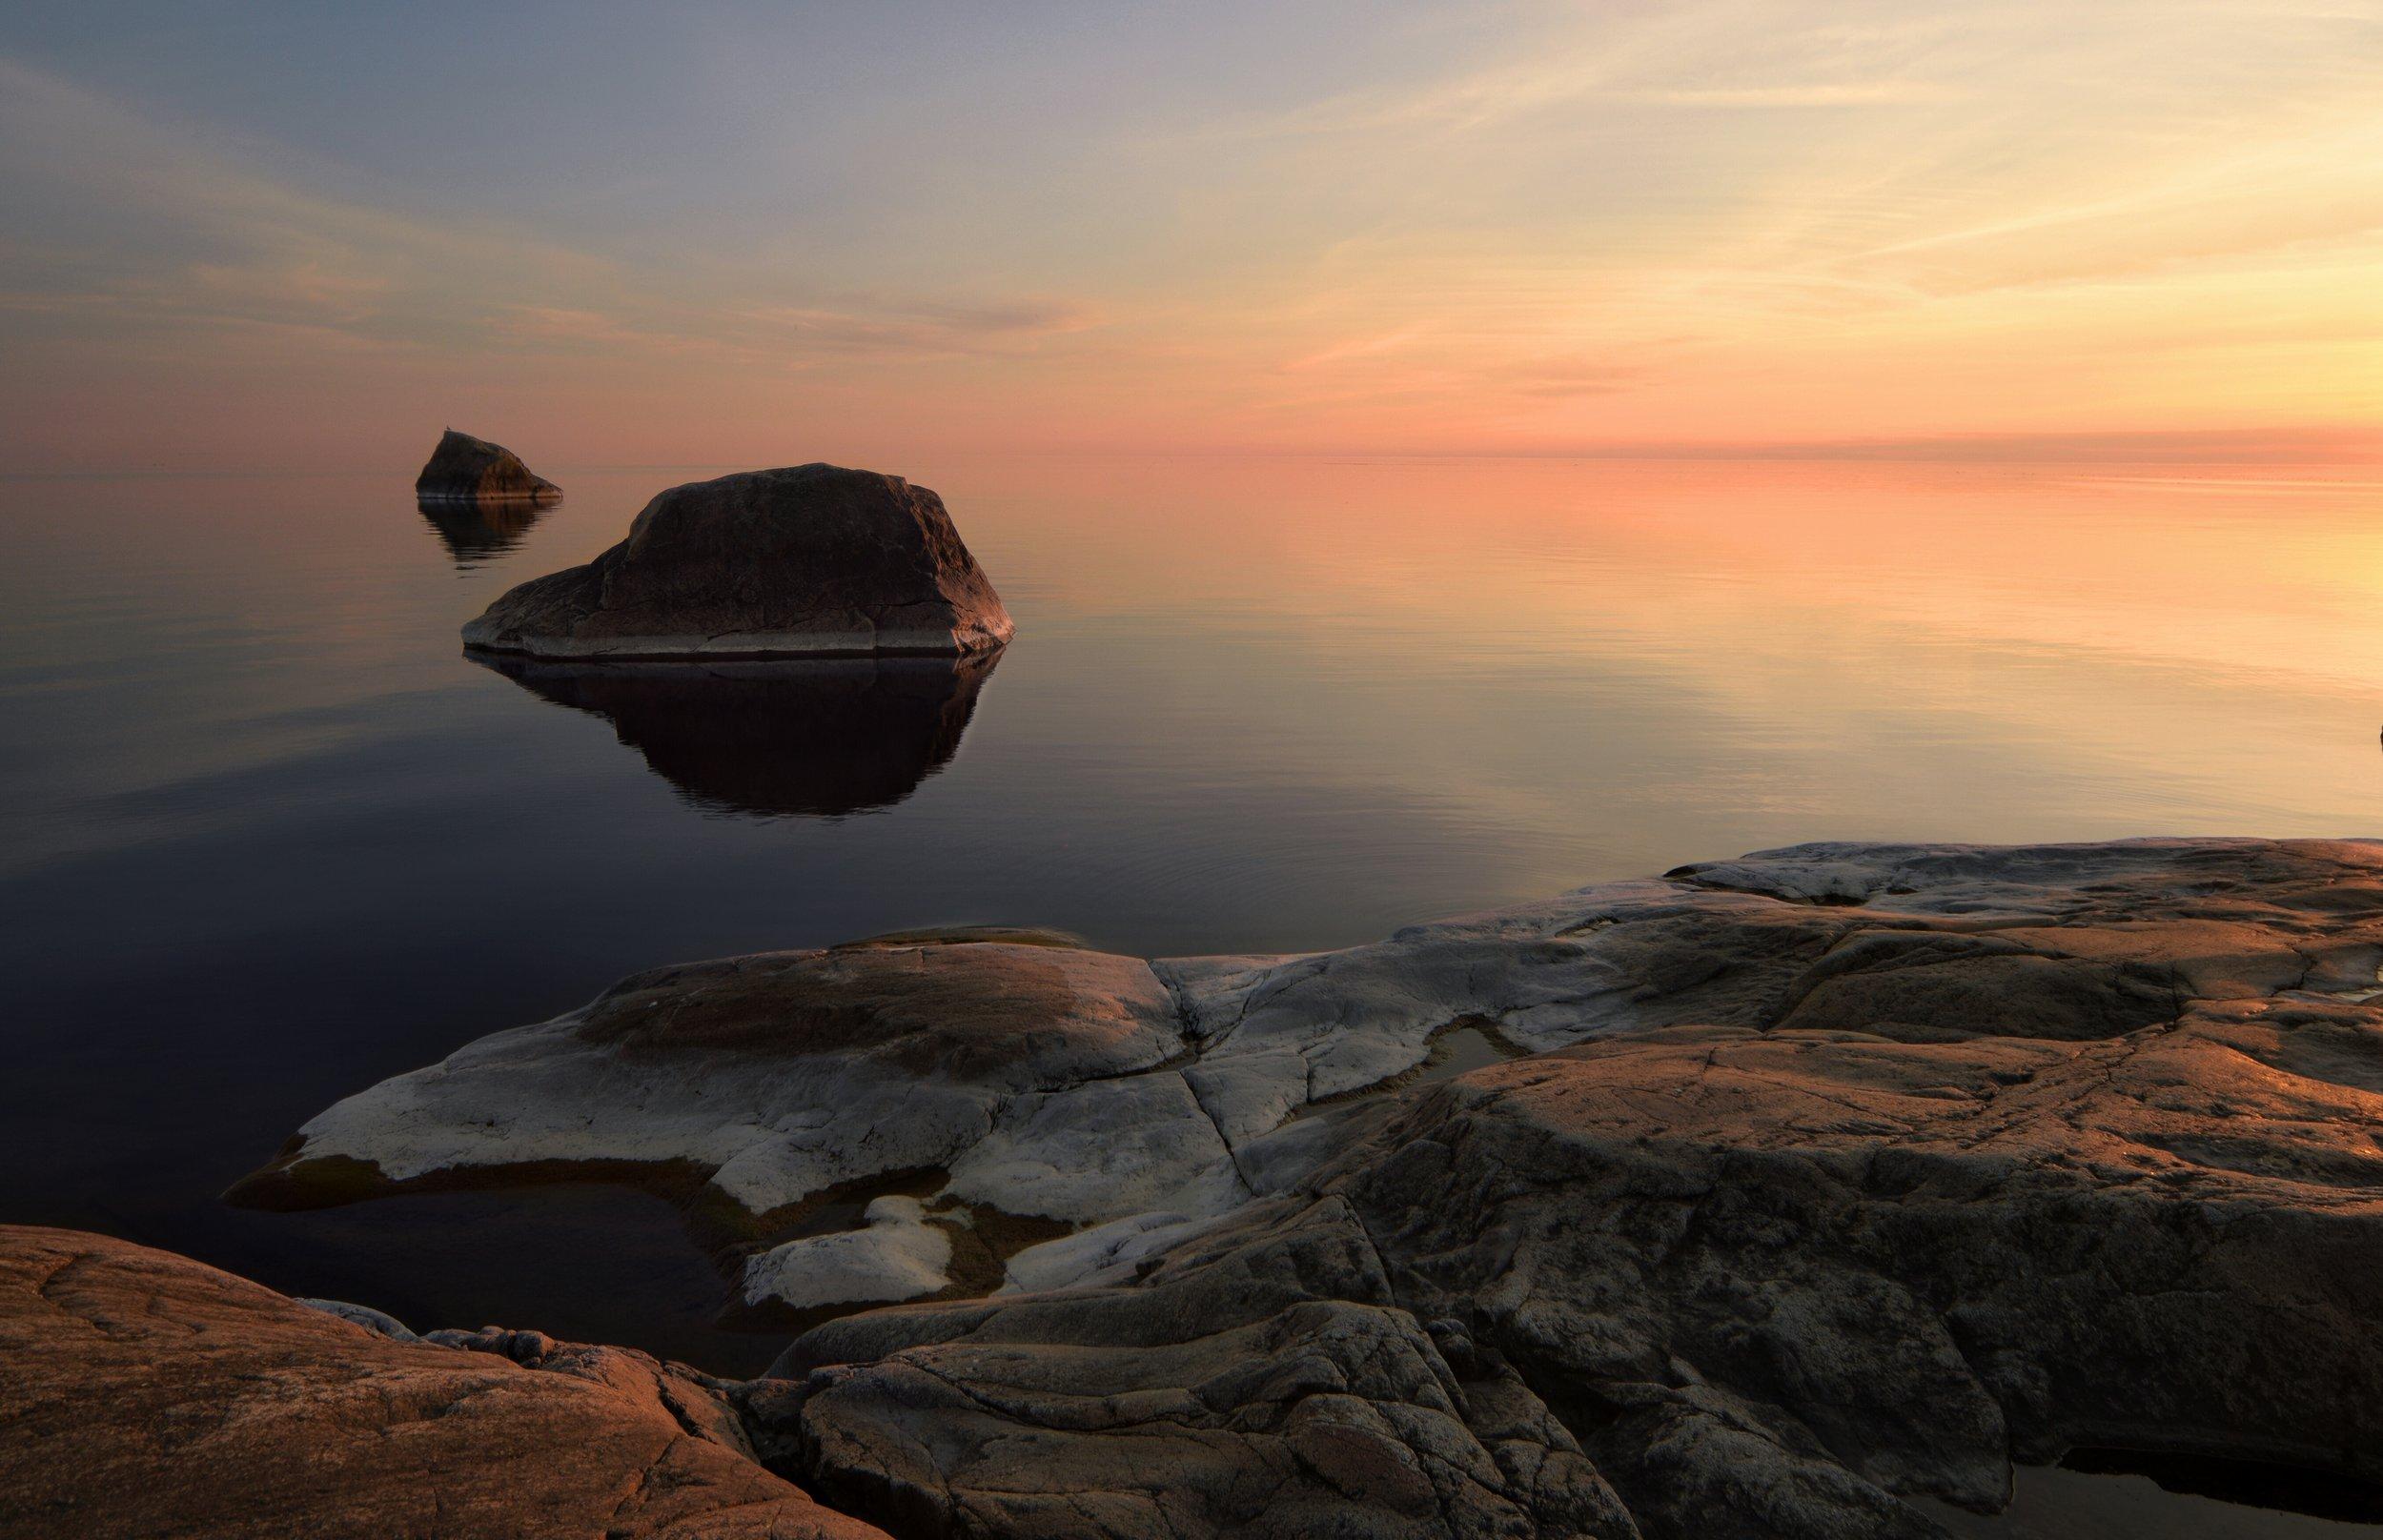 Tisskässand's Rocks at Sunset